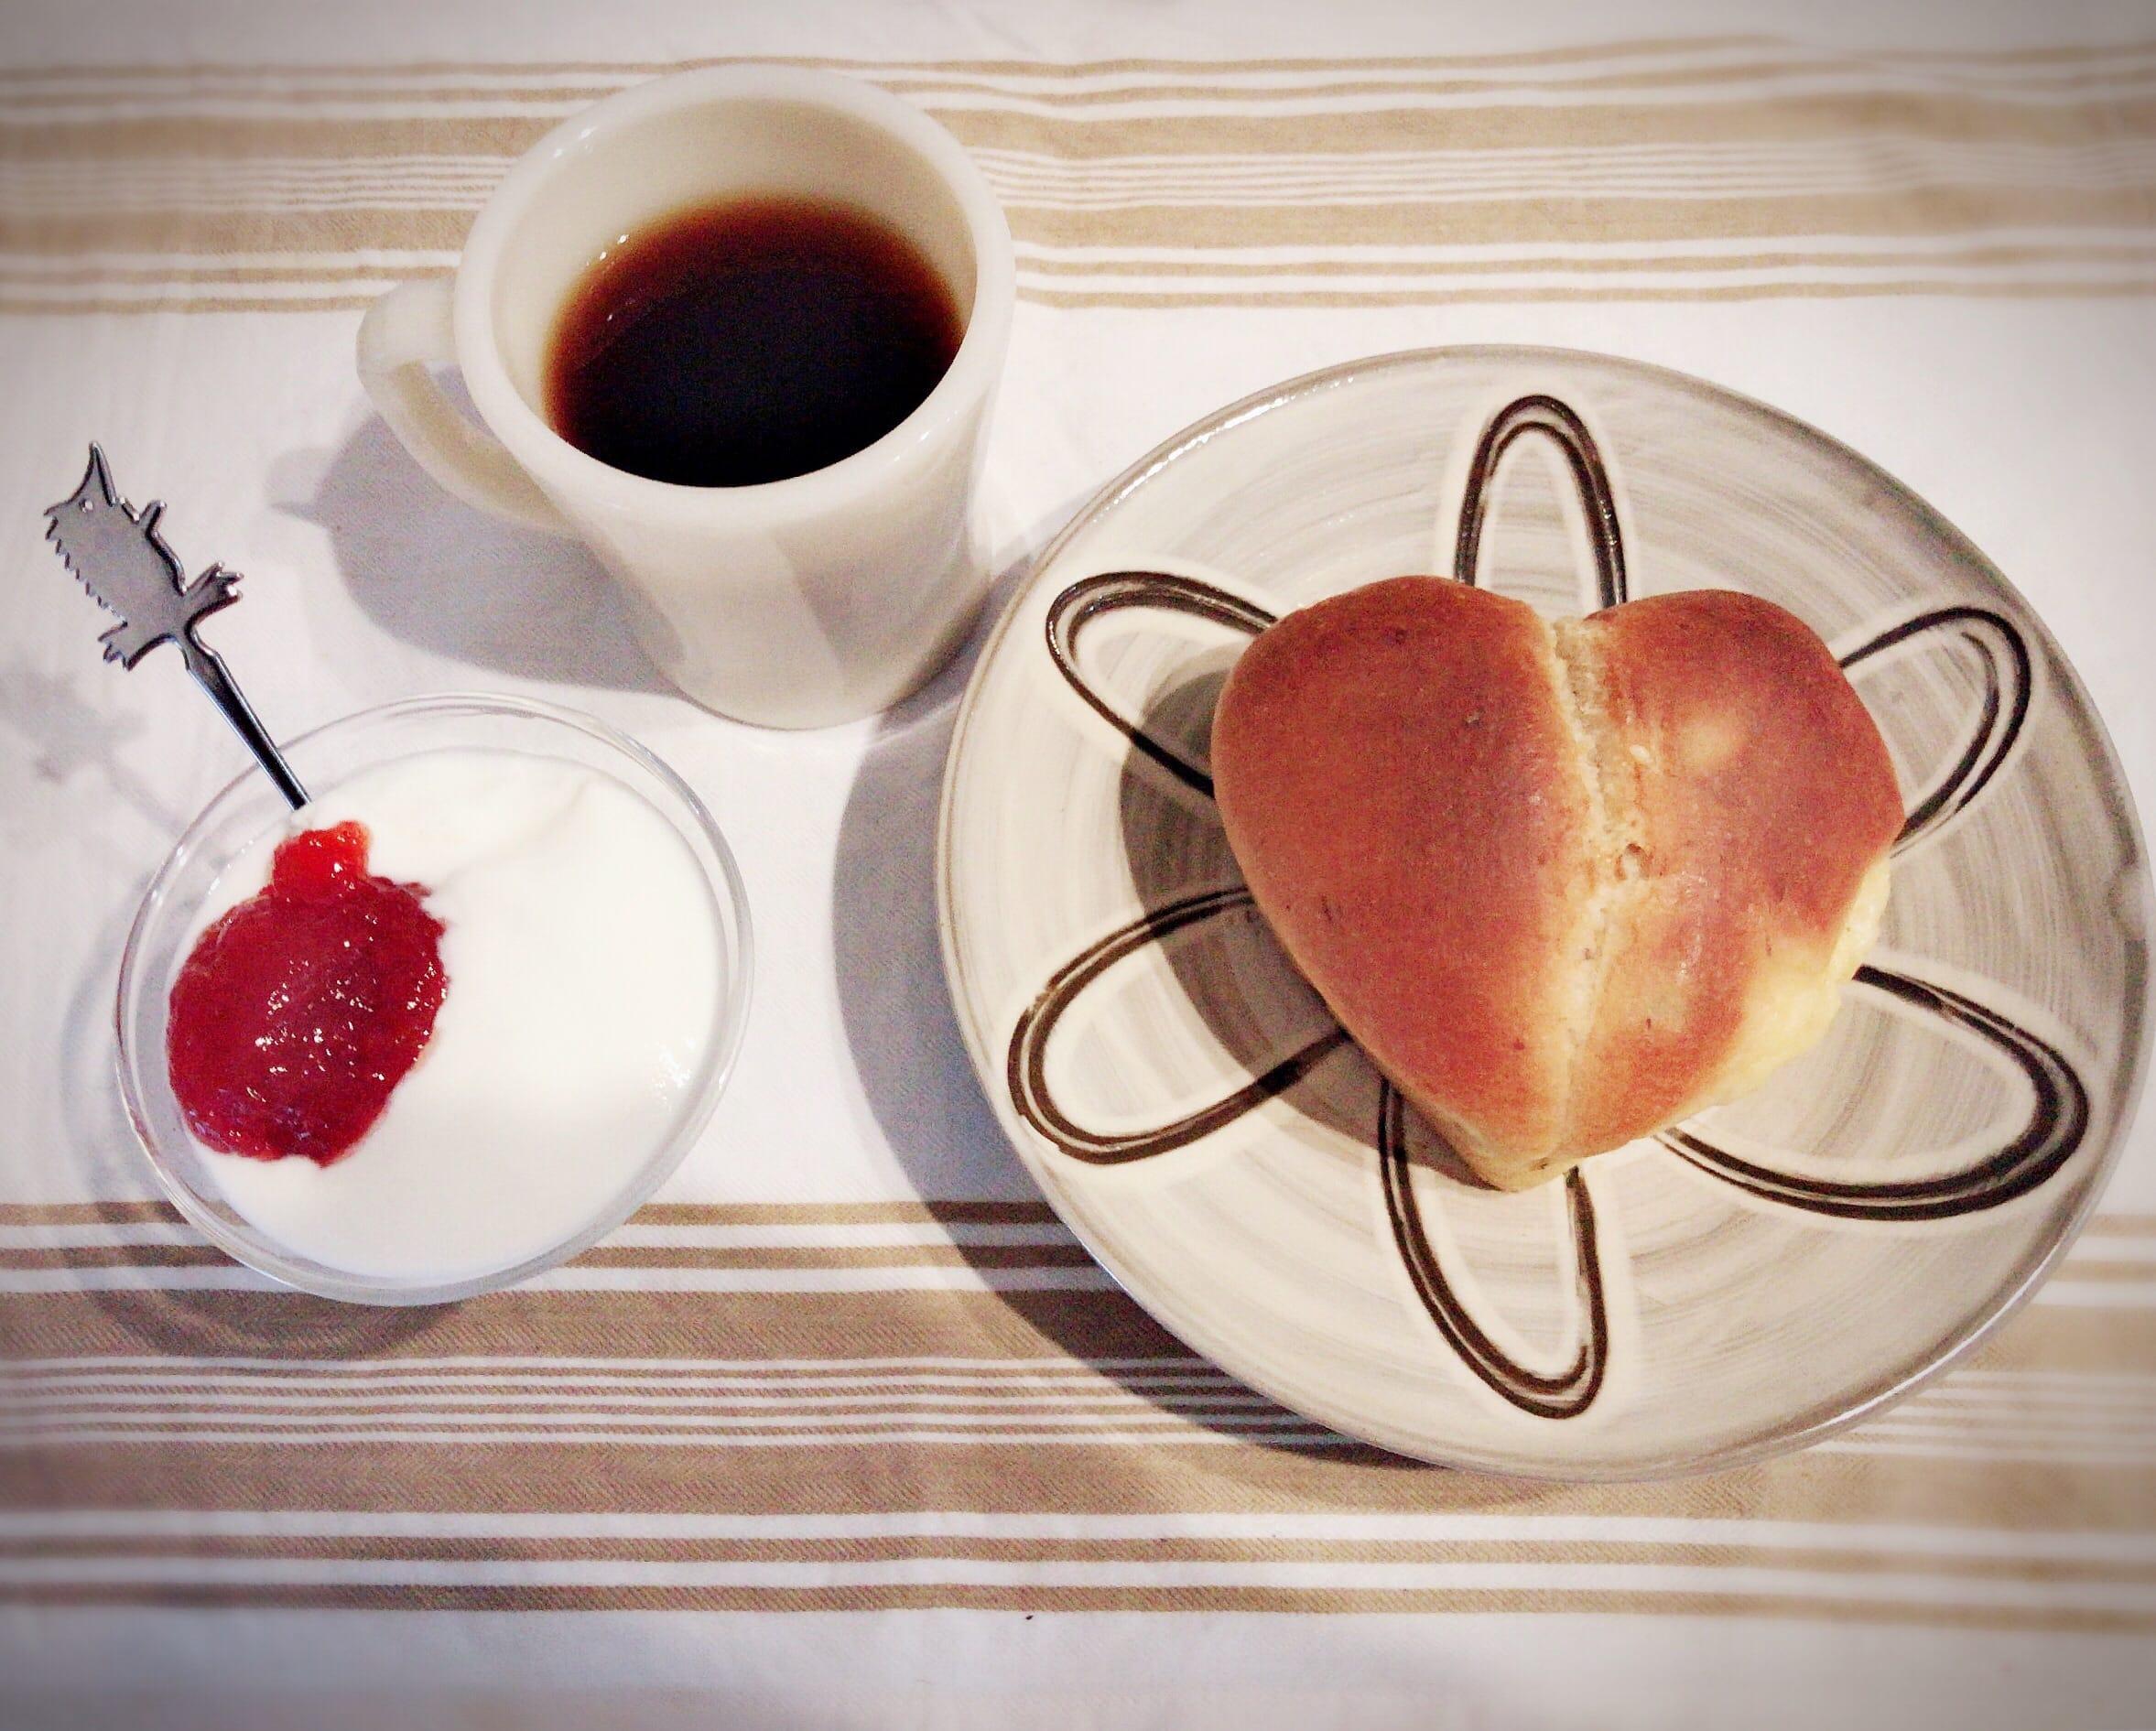 「おはようございます♪」03/19(月) 08:55 | 純愛【ピュア】の写メ・風俗動画